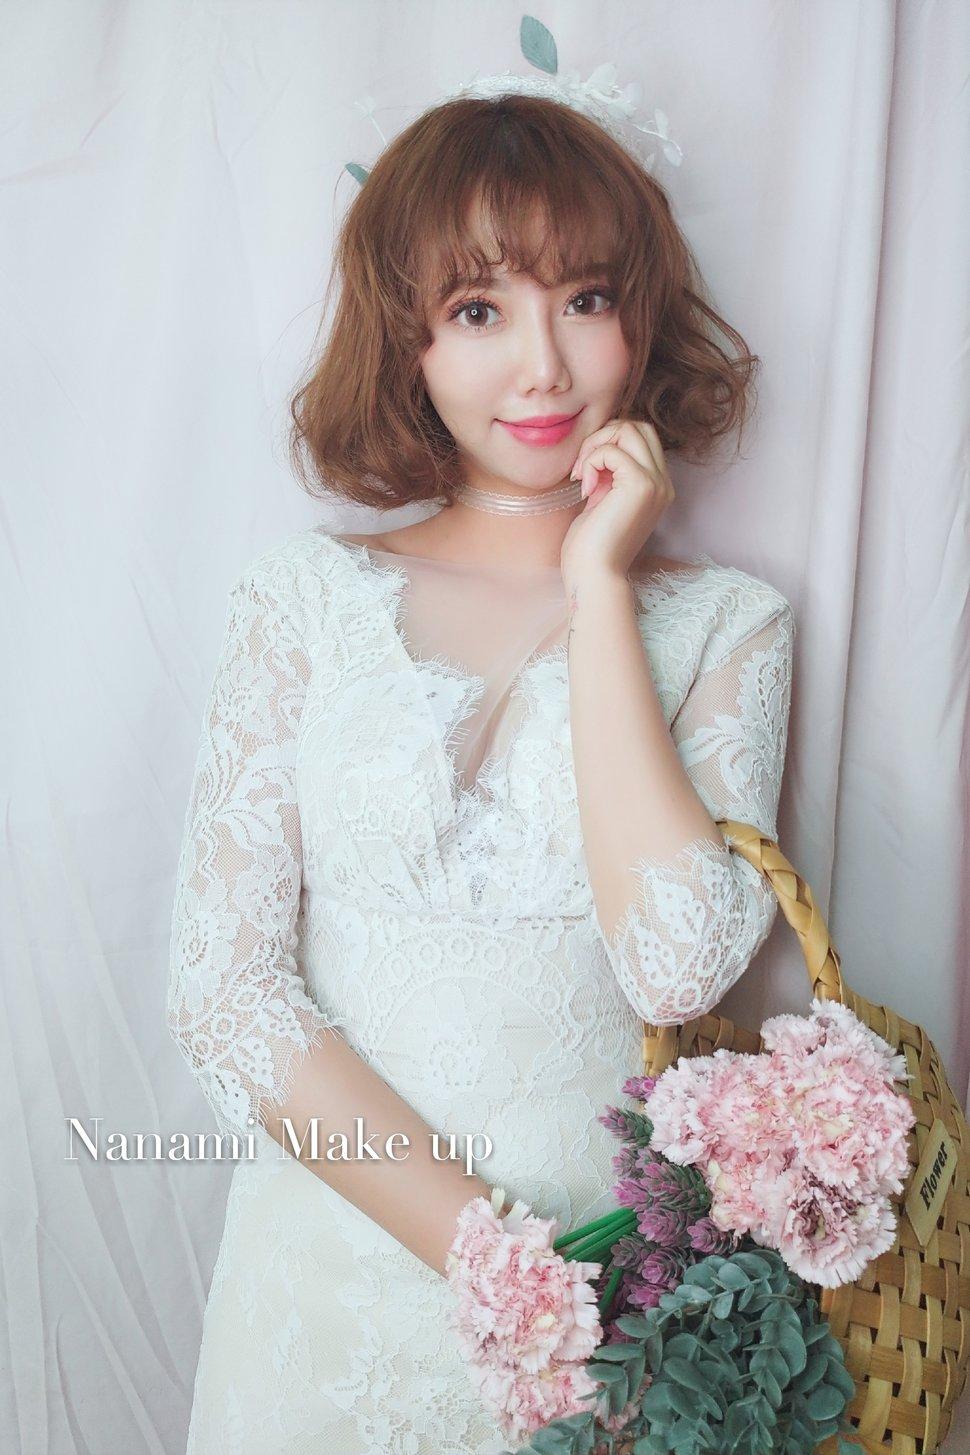 7D7A2878-4BF6-451A-B601-139B405BC847 - Nanami 張慈慈《結婚吧》